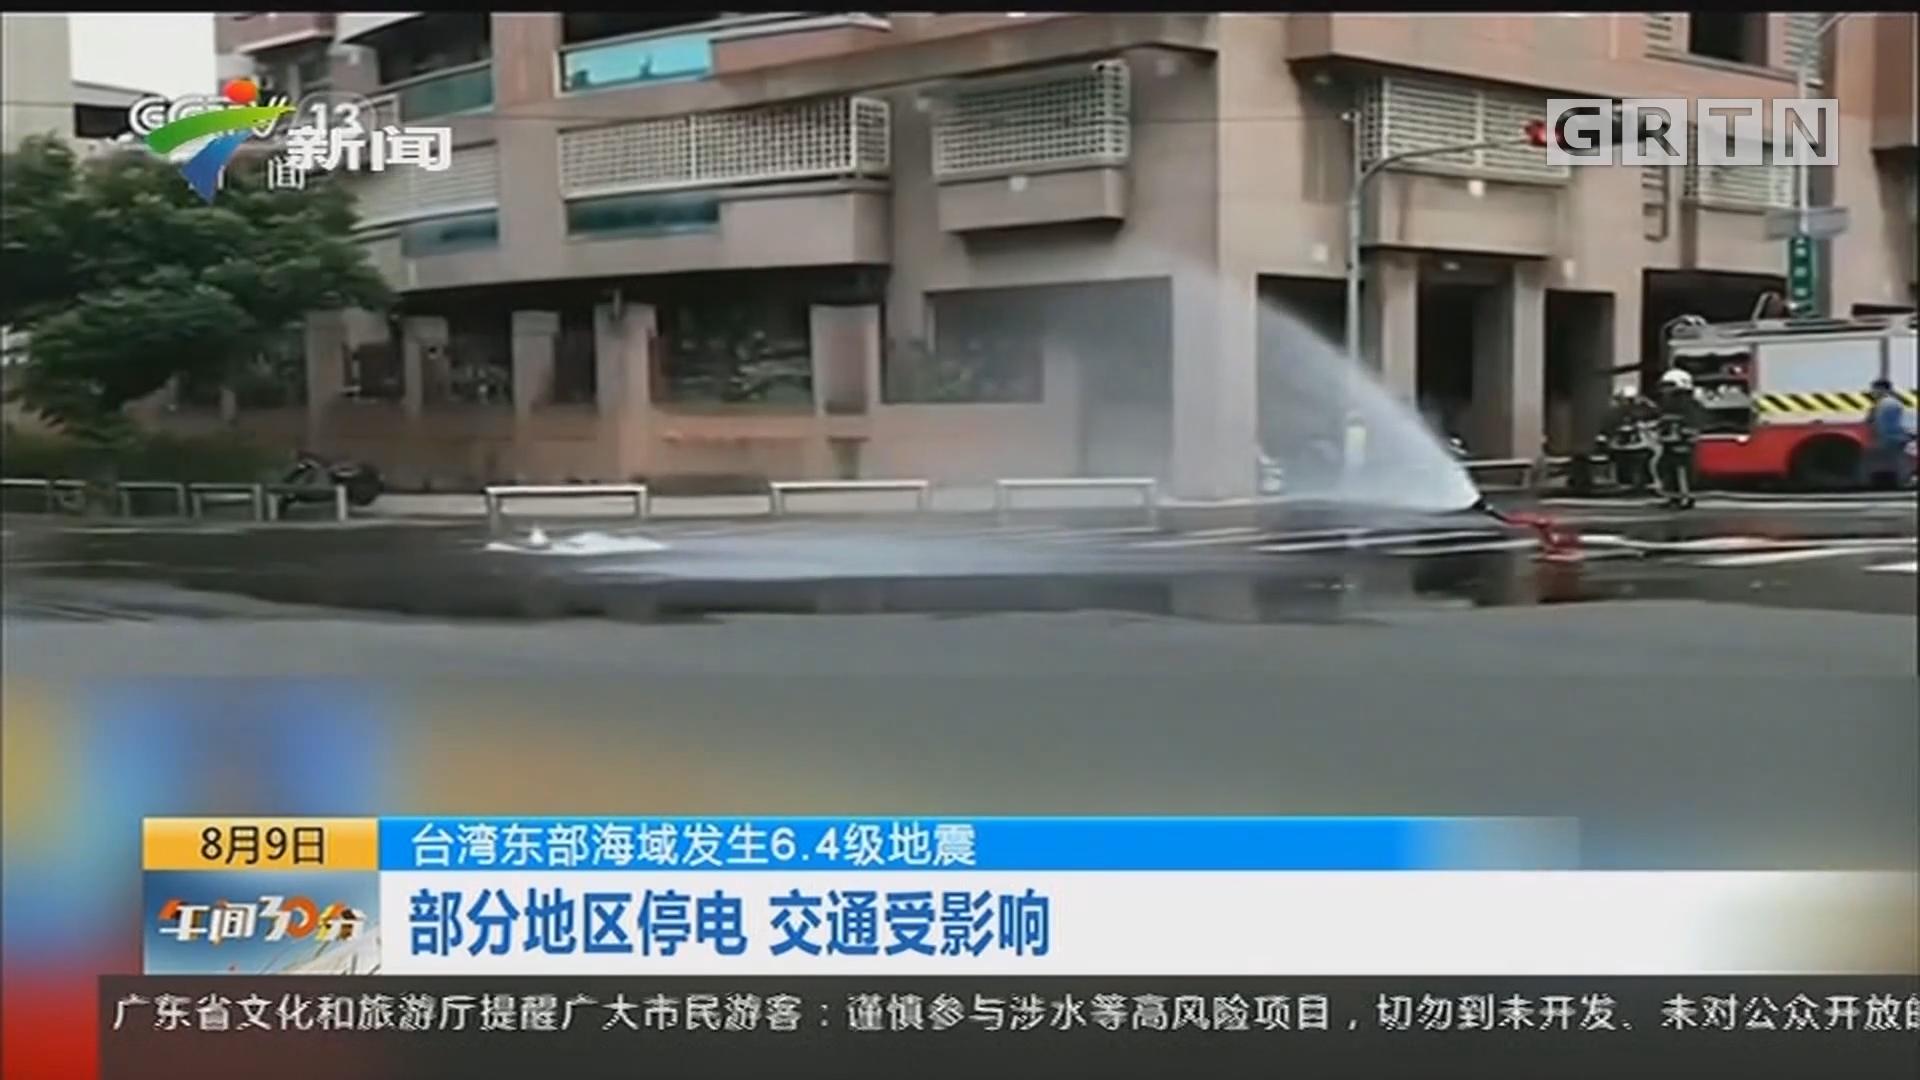 台湾东部海域发生6.4级地震:地震造成一名女子丧生